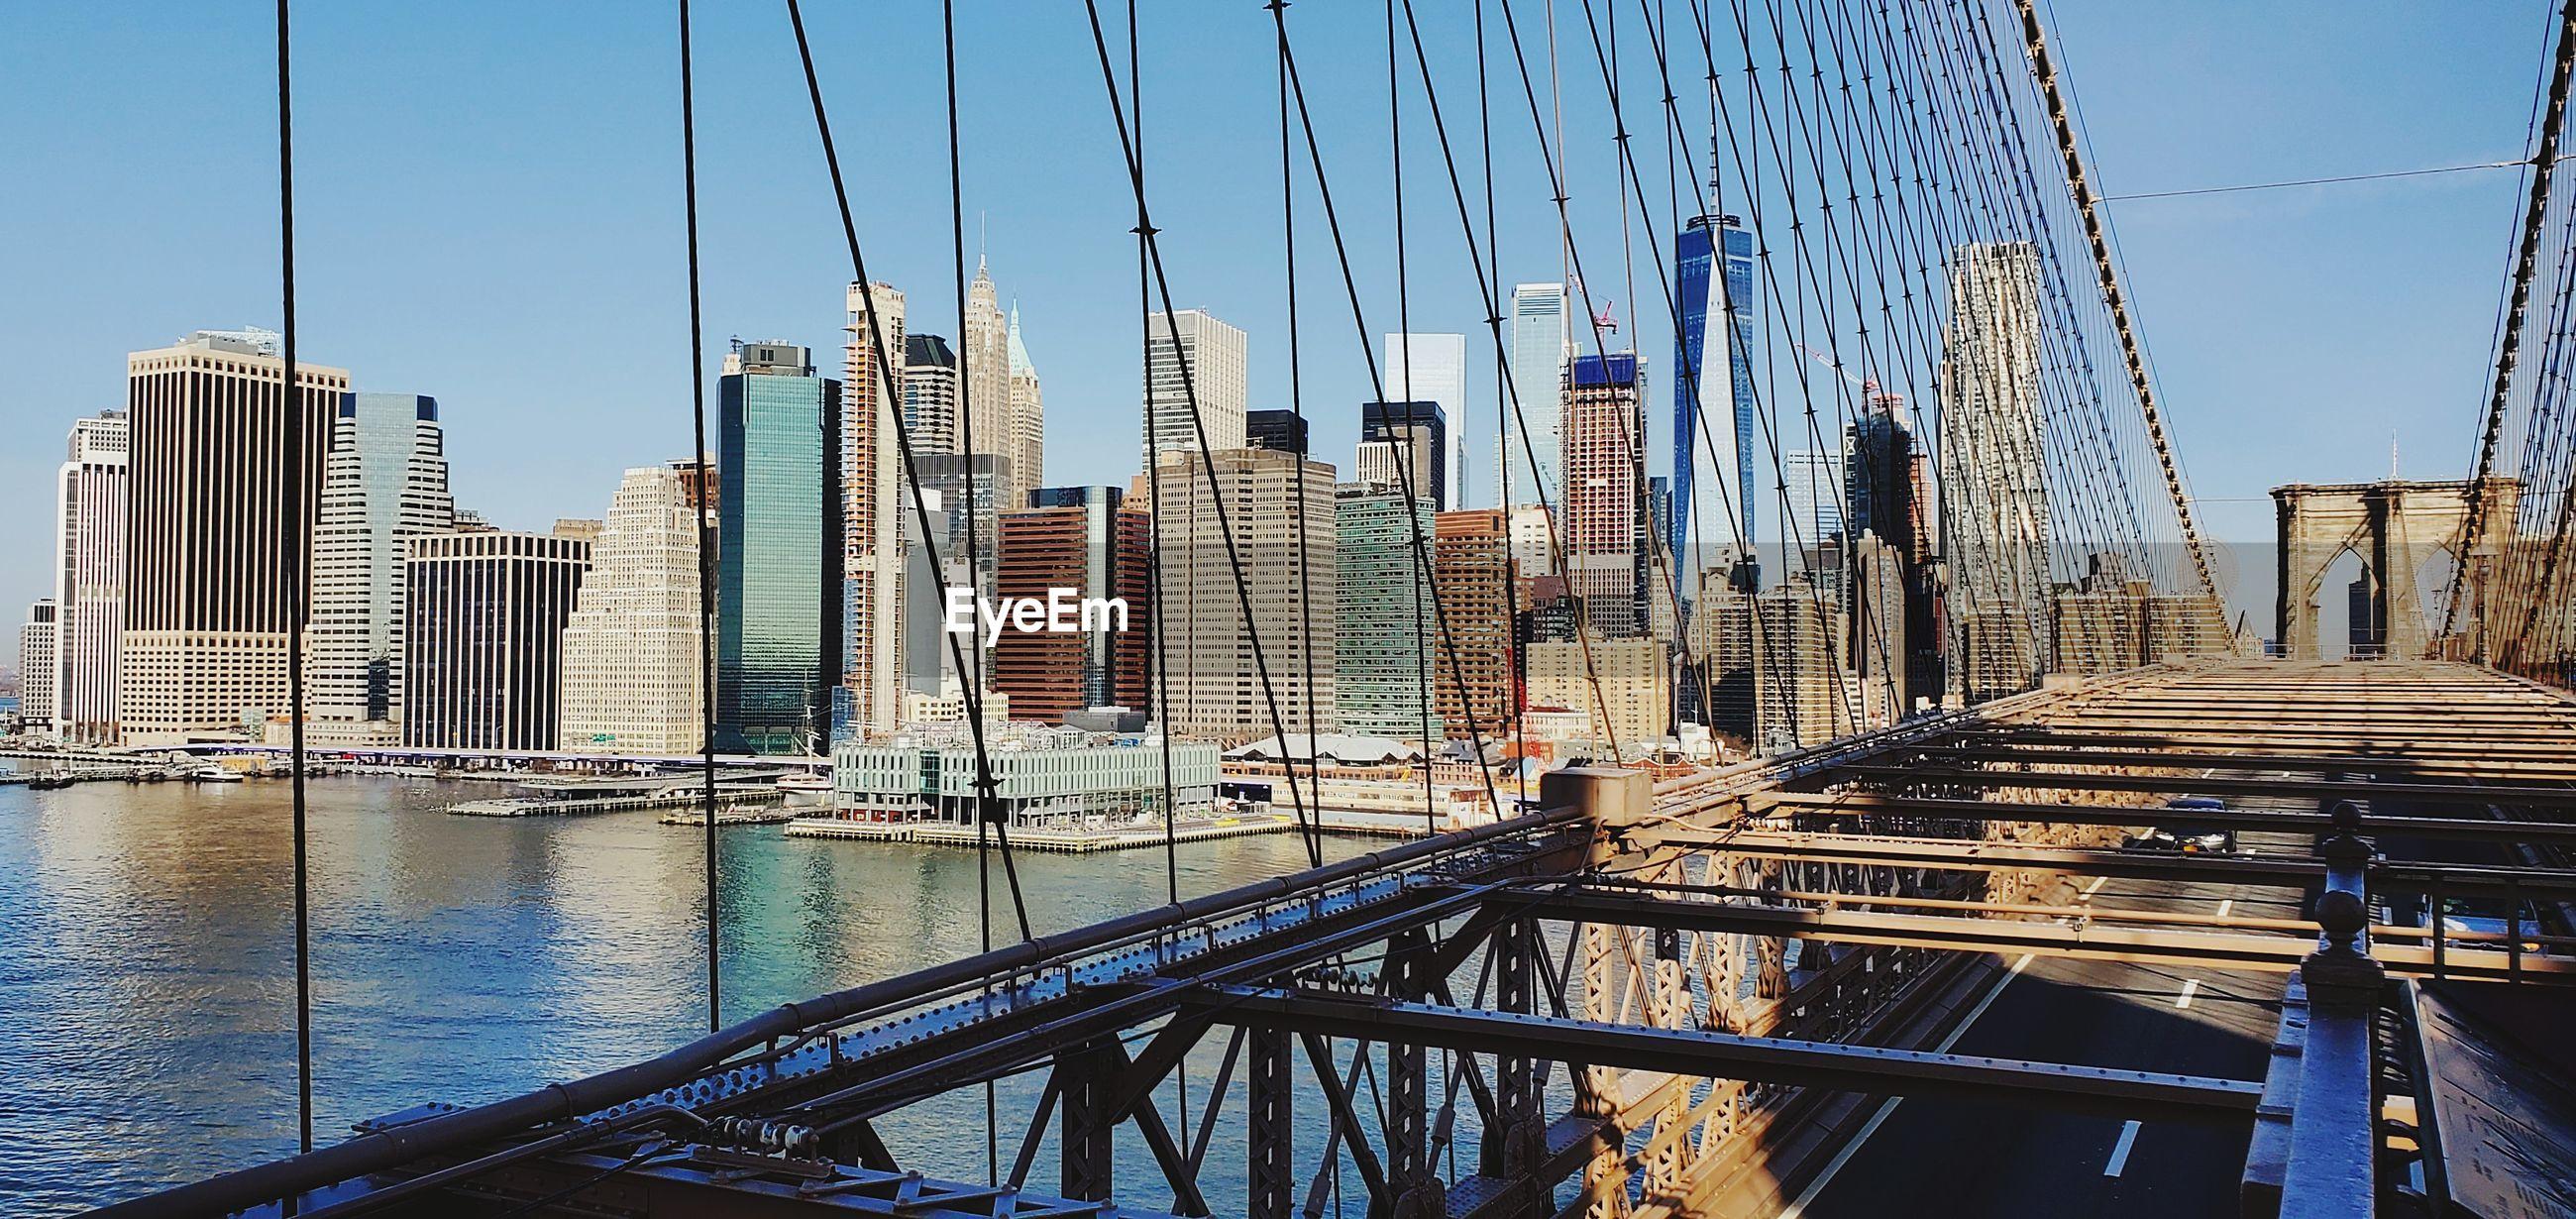 VIEW OF SUSPENSION BRIDGE AGAINST BUILDINGS